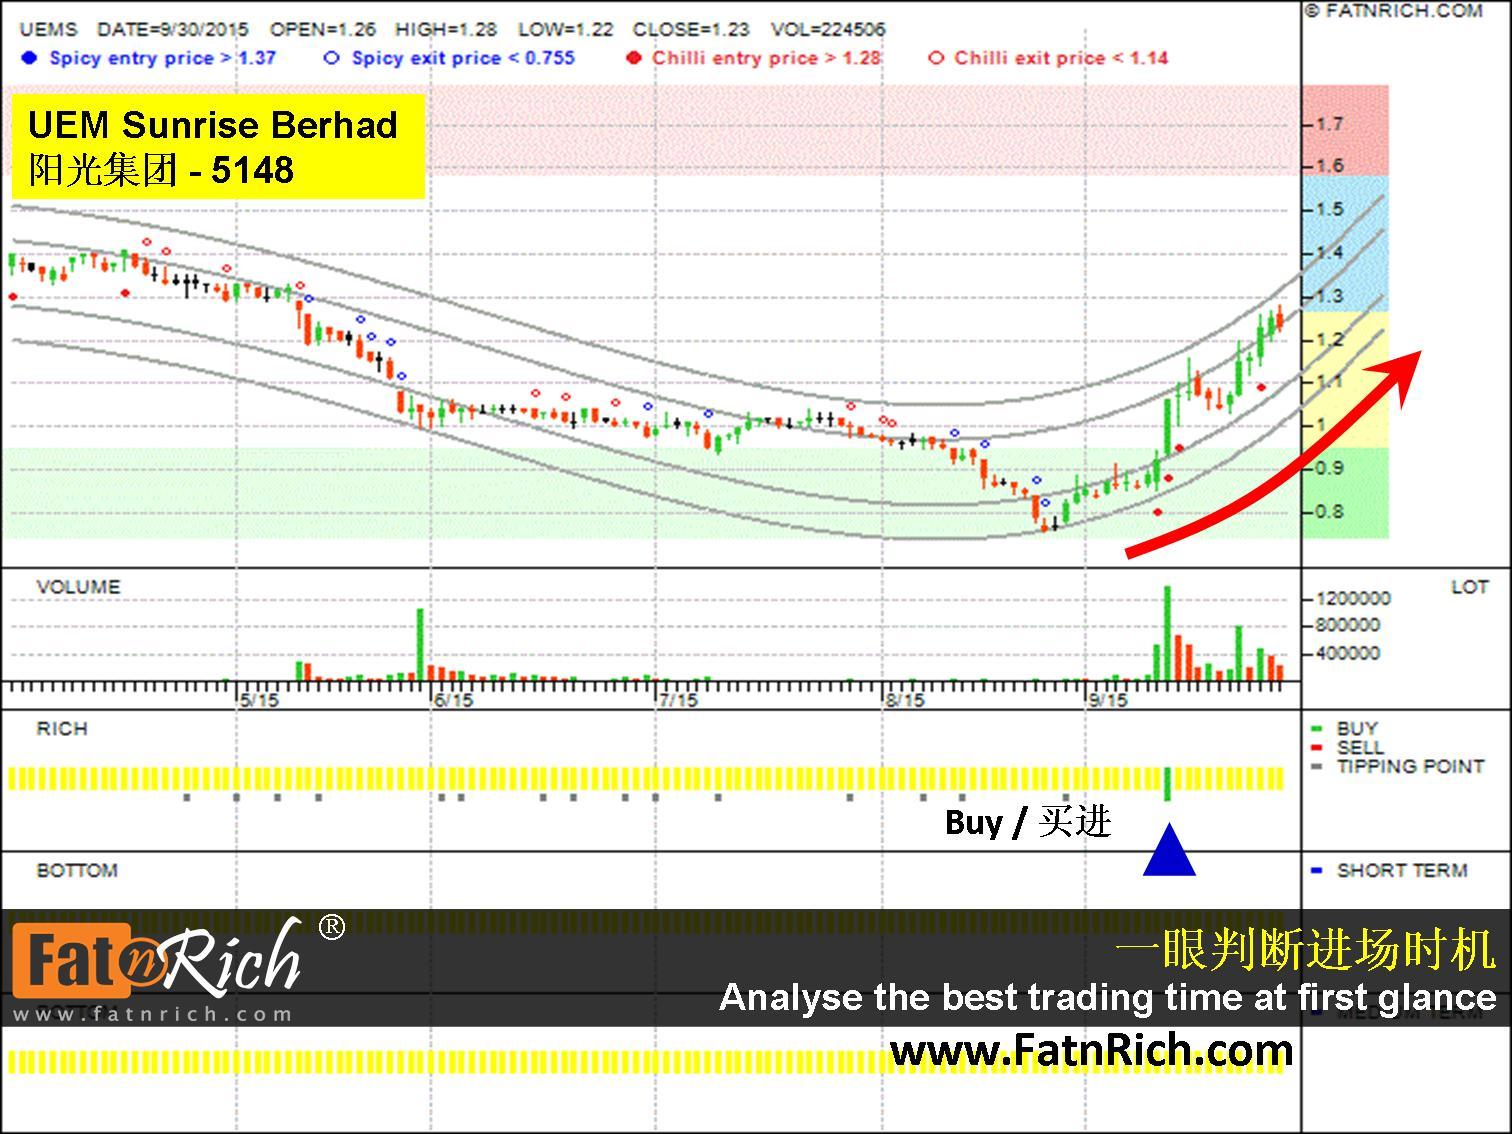 马来西亚股票阳光集团 UEMS SUNRISE Berhad 5148